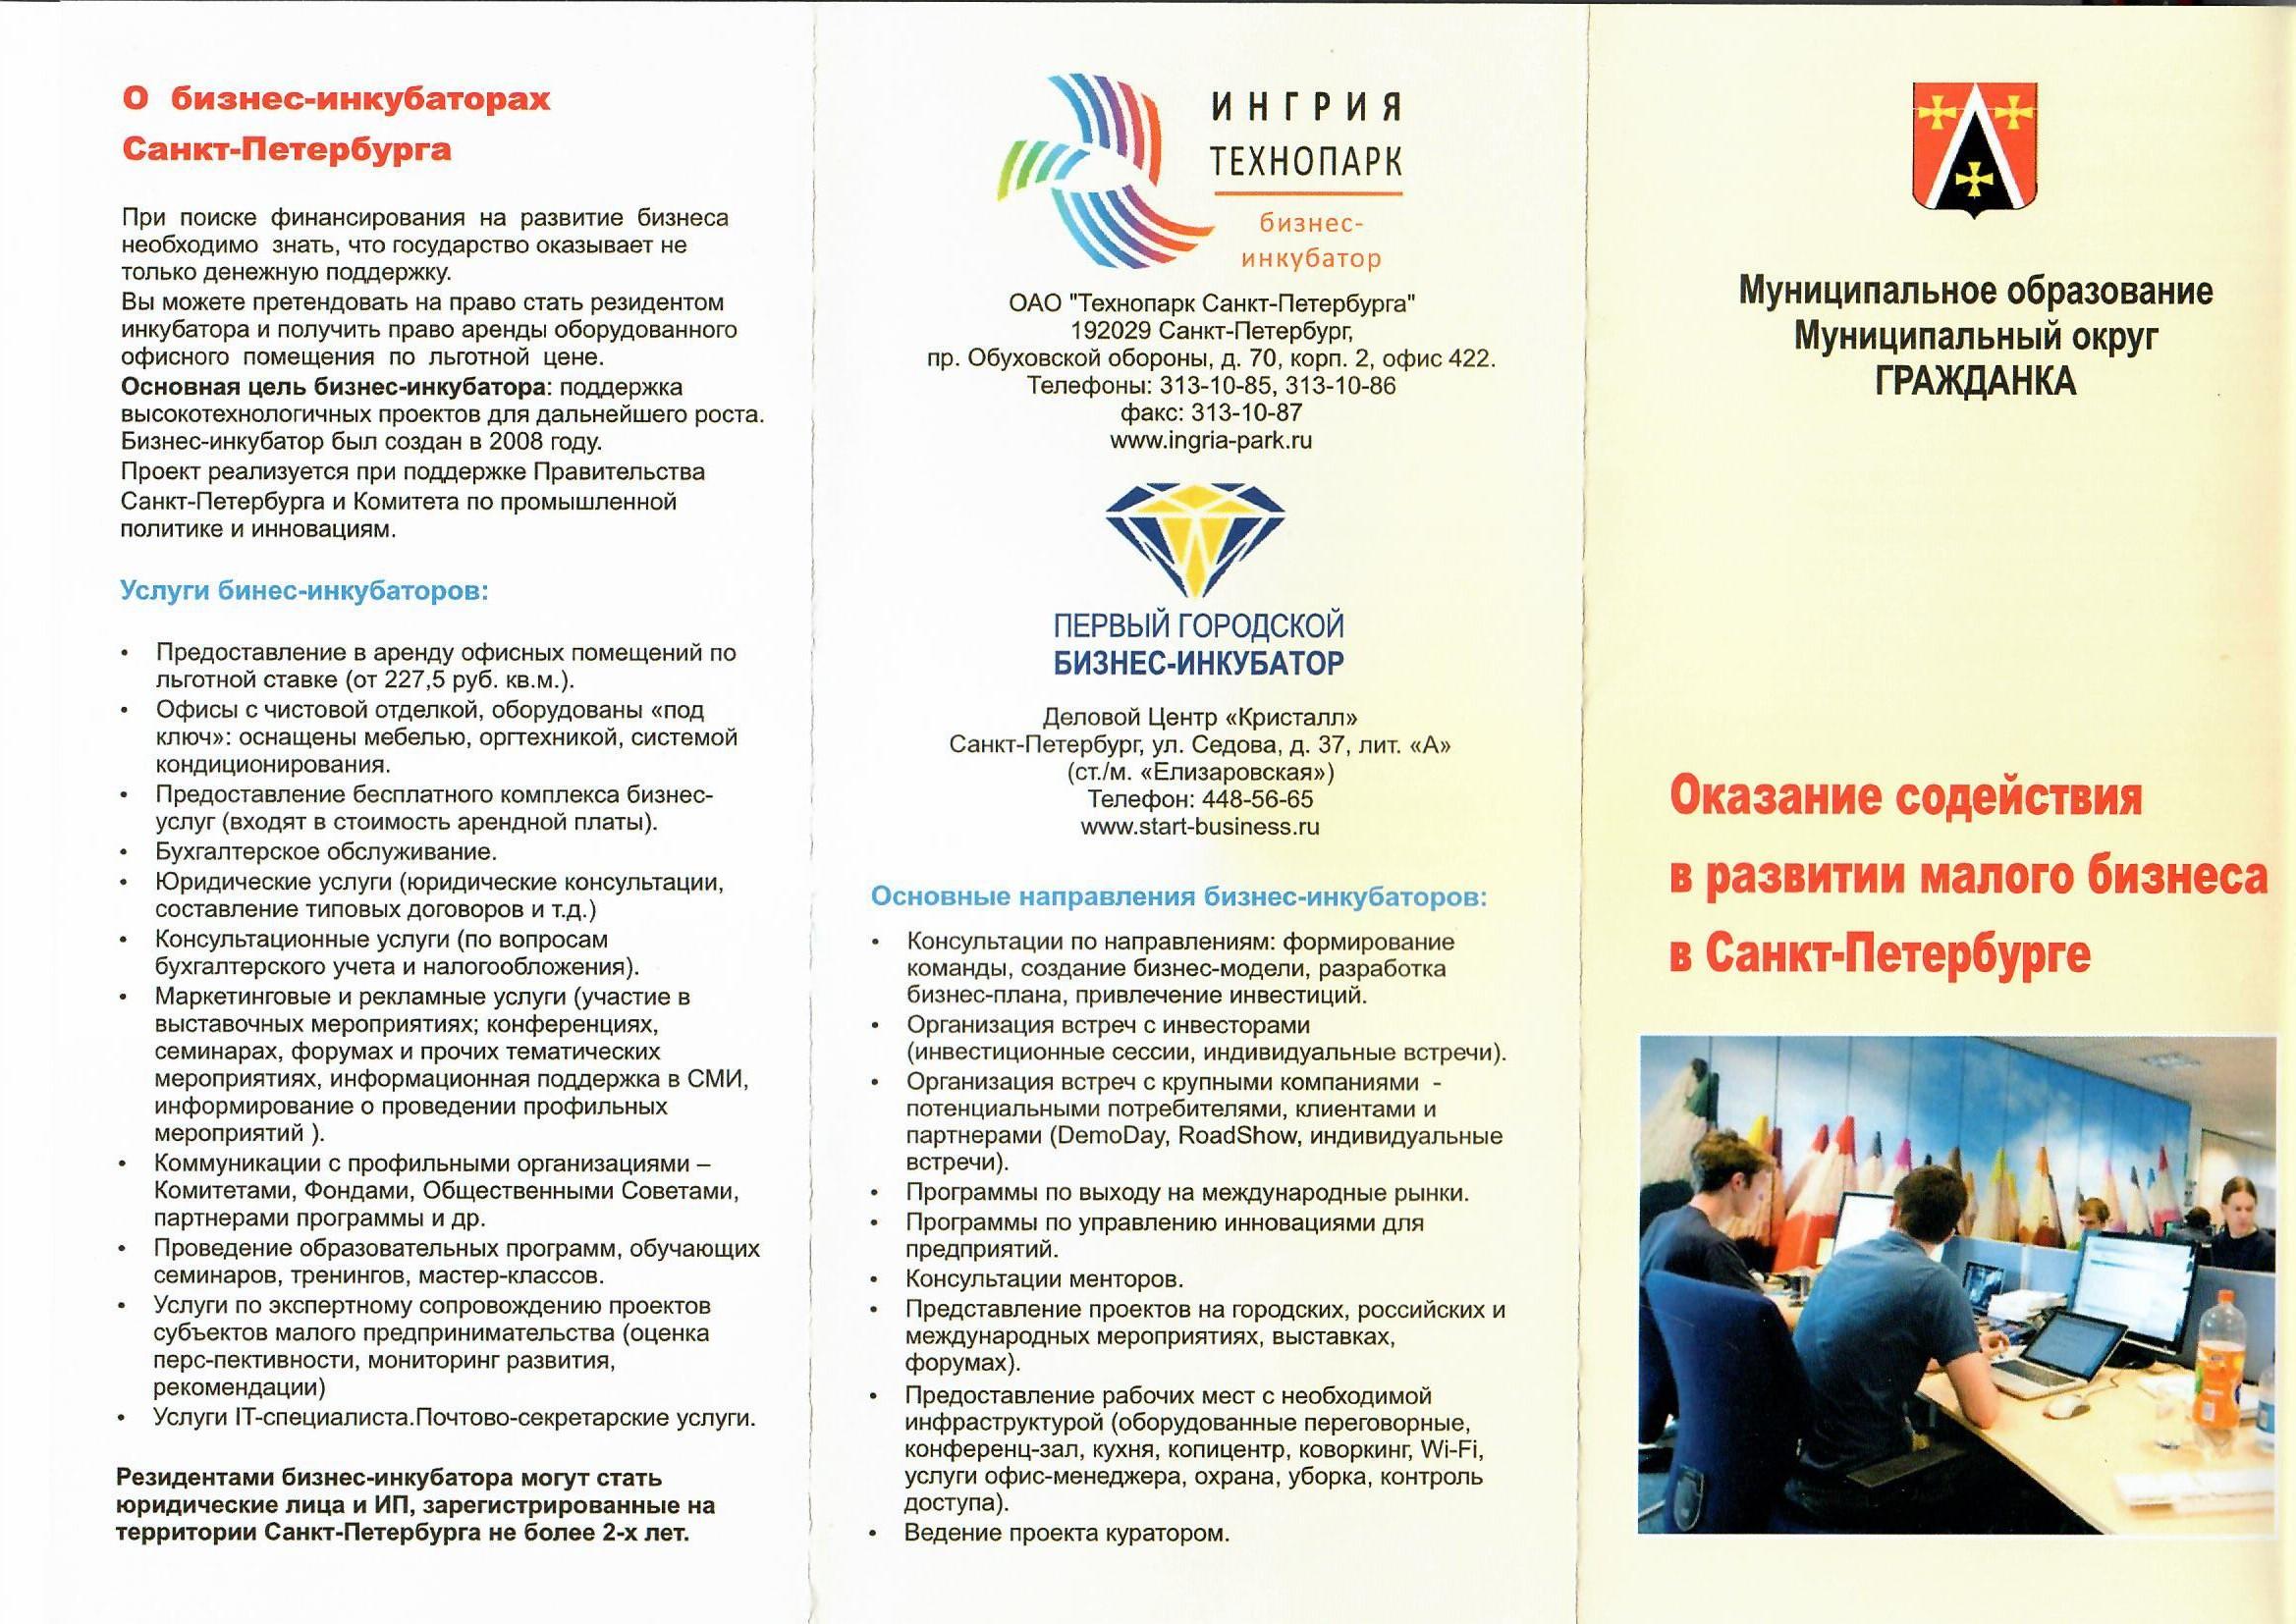 Брошюра «Оказание содействия в развитии малого бизнеса в Санкт-Петербурге»